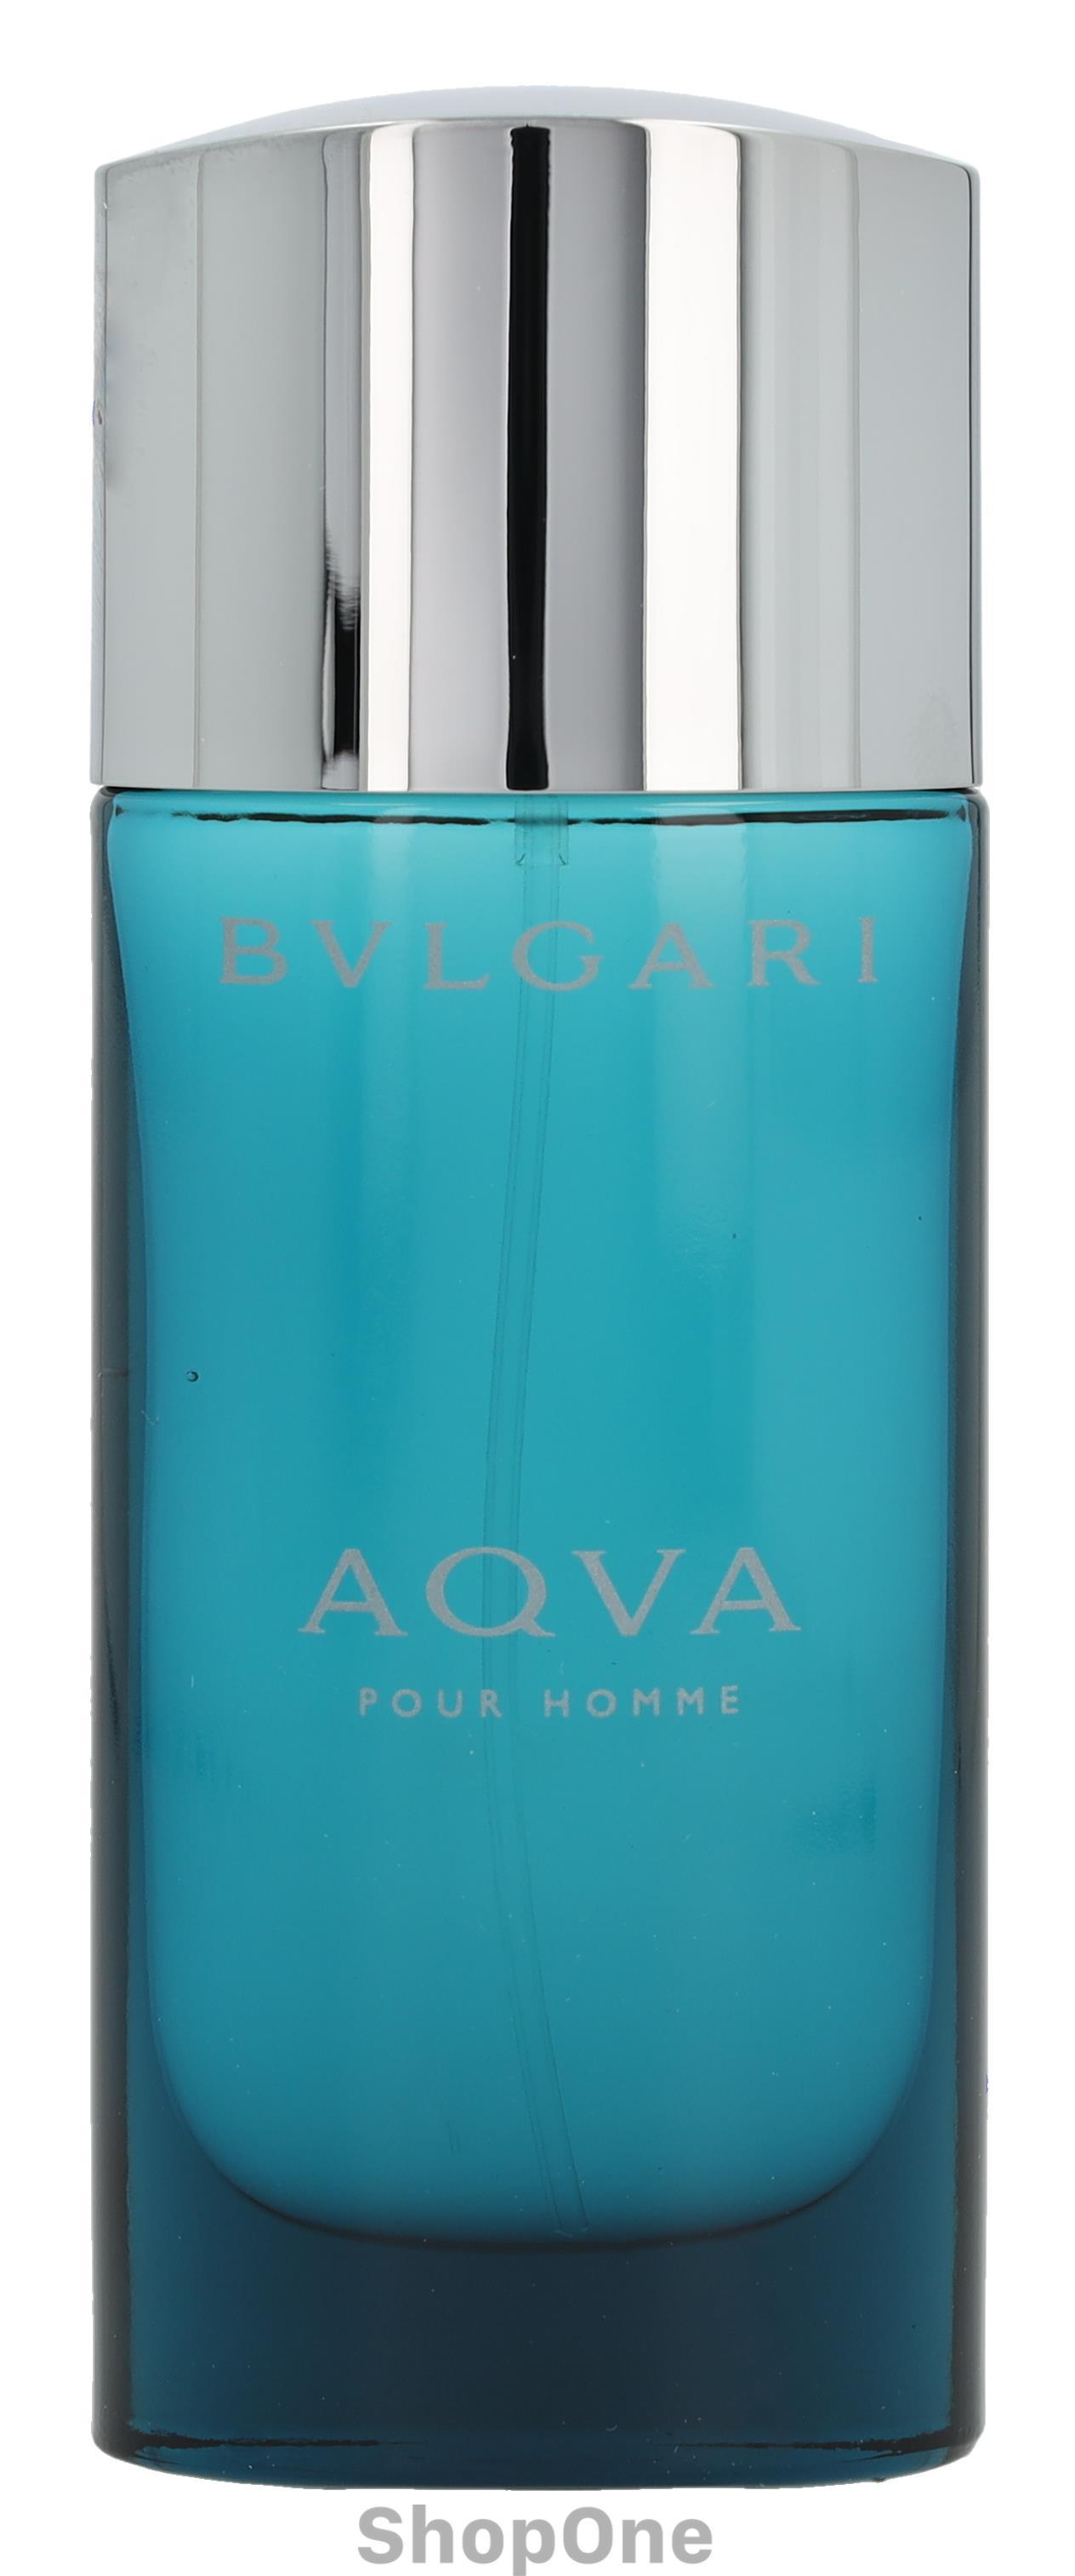 Billede af Bvlgari Aqva Pour Homme Edt Spray 30 ml